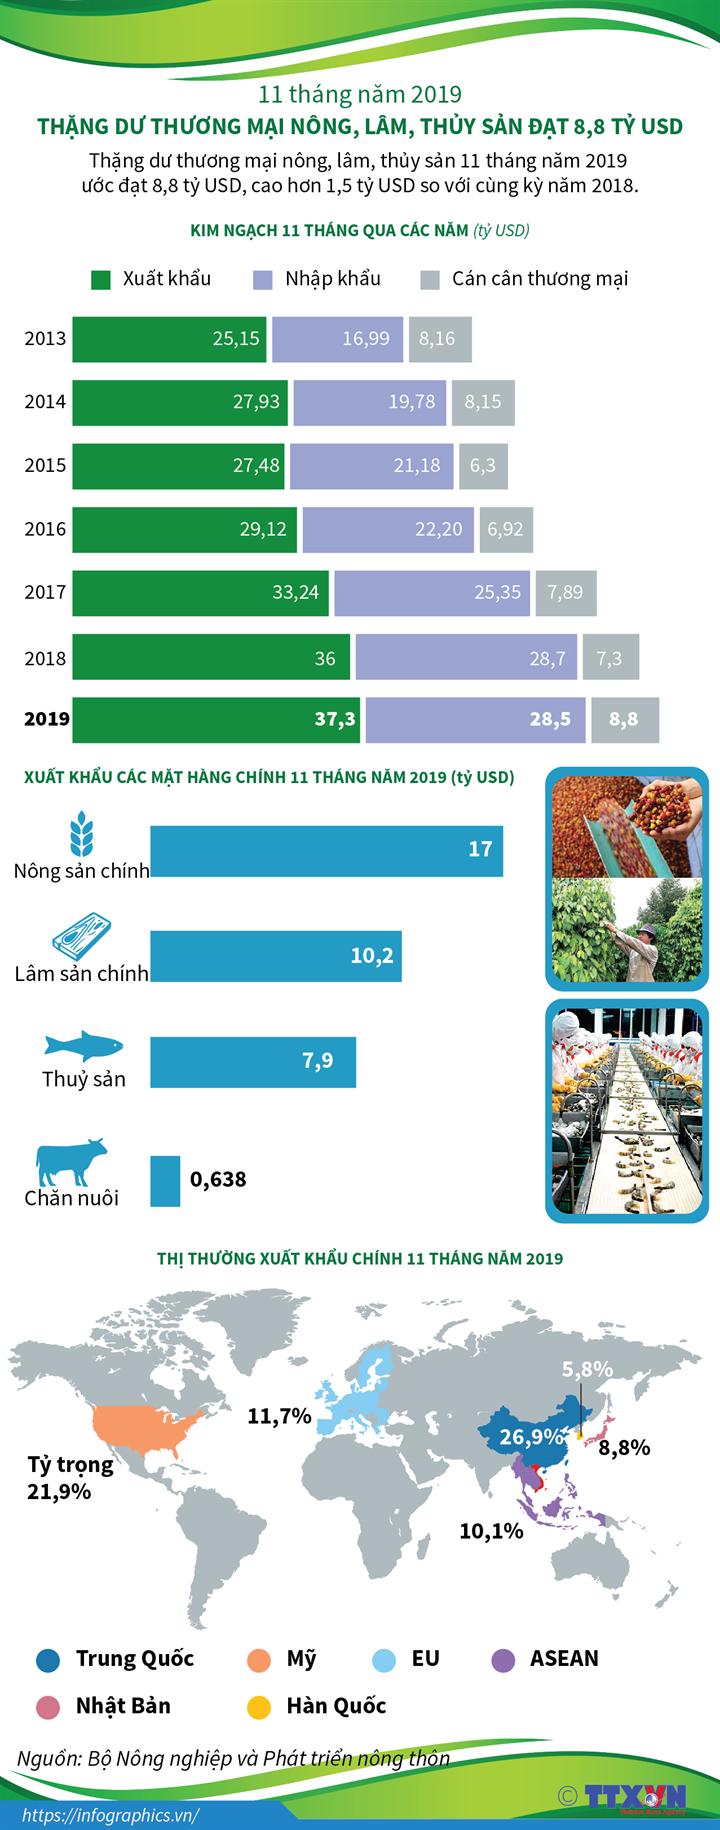 11 tháng năm 2019: Thặng dư thương mại nông, lâm, thủy sản đạt  8,8 tỷ USD